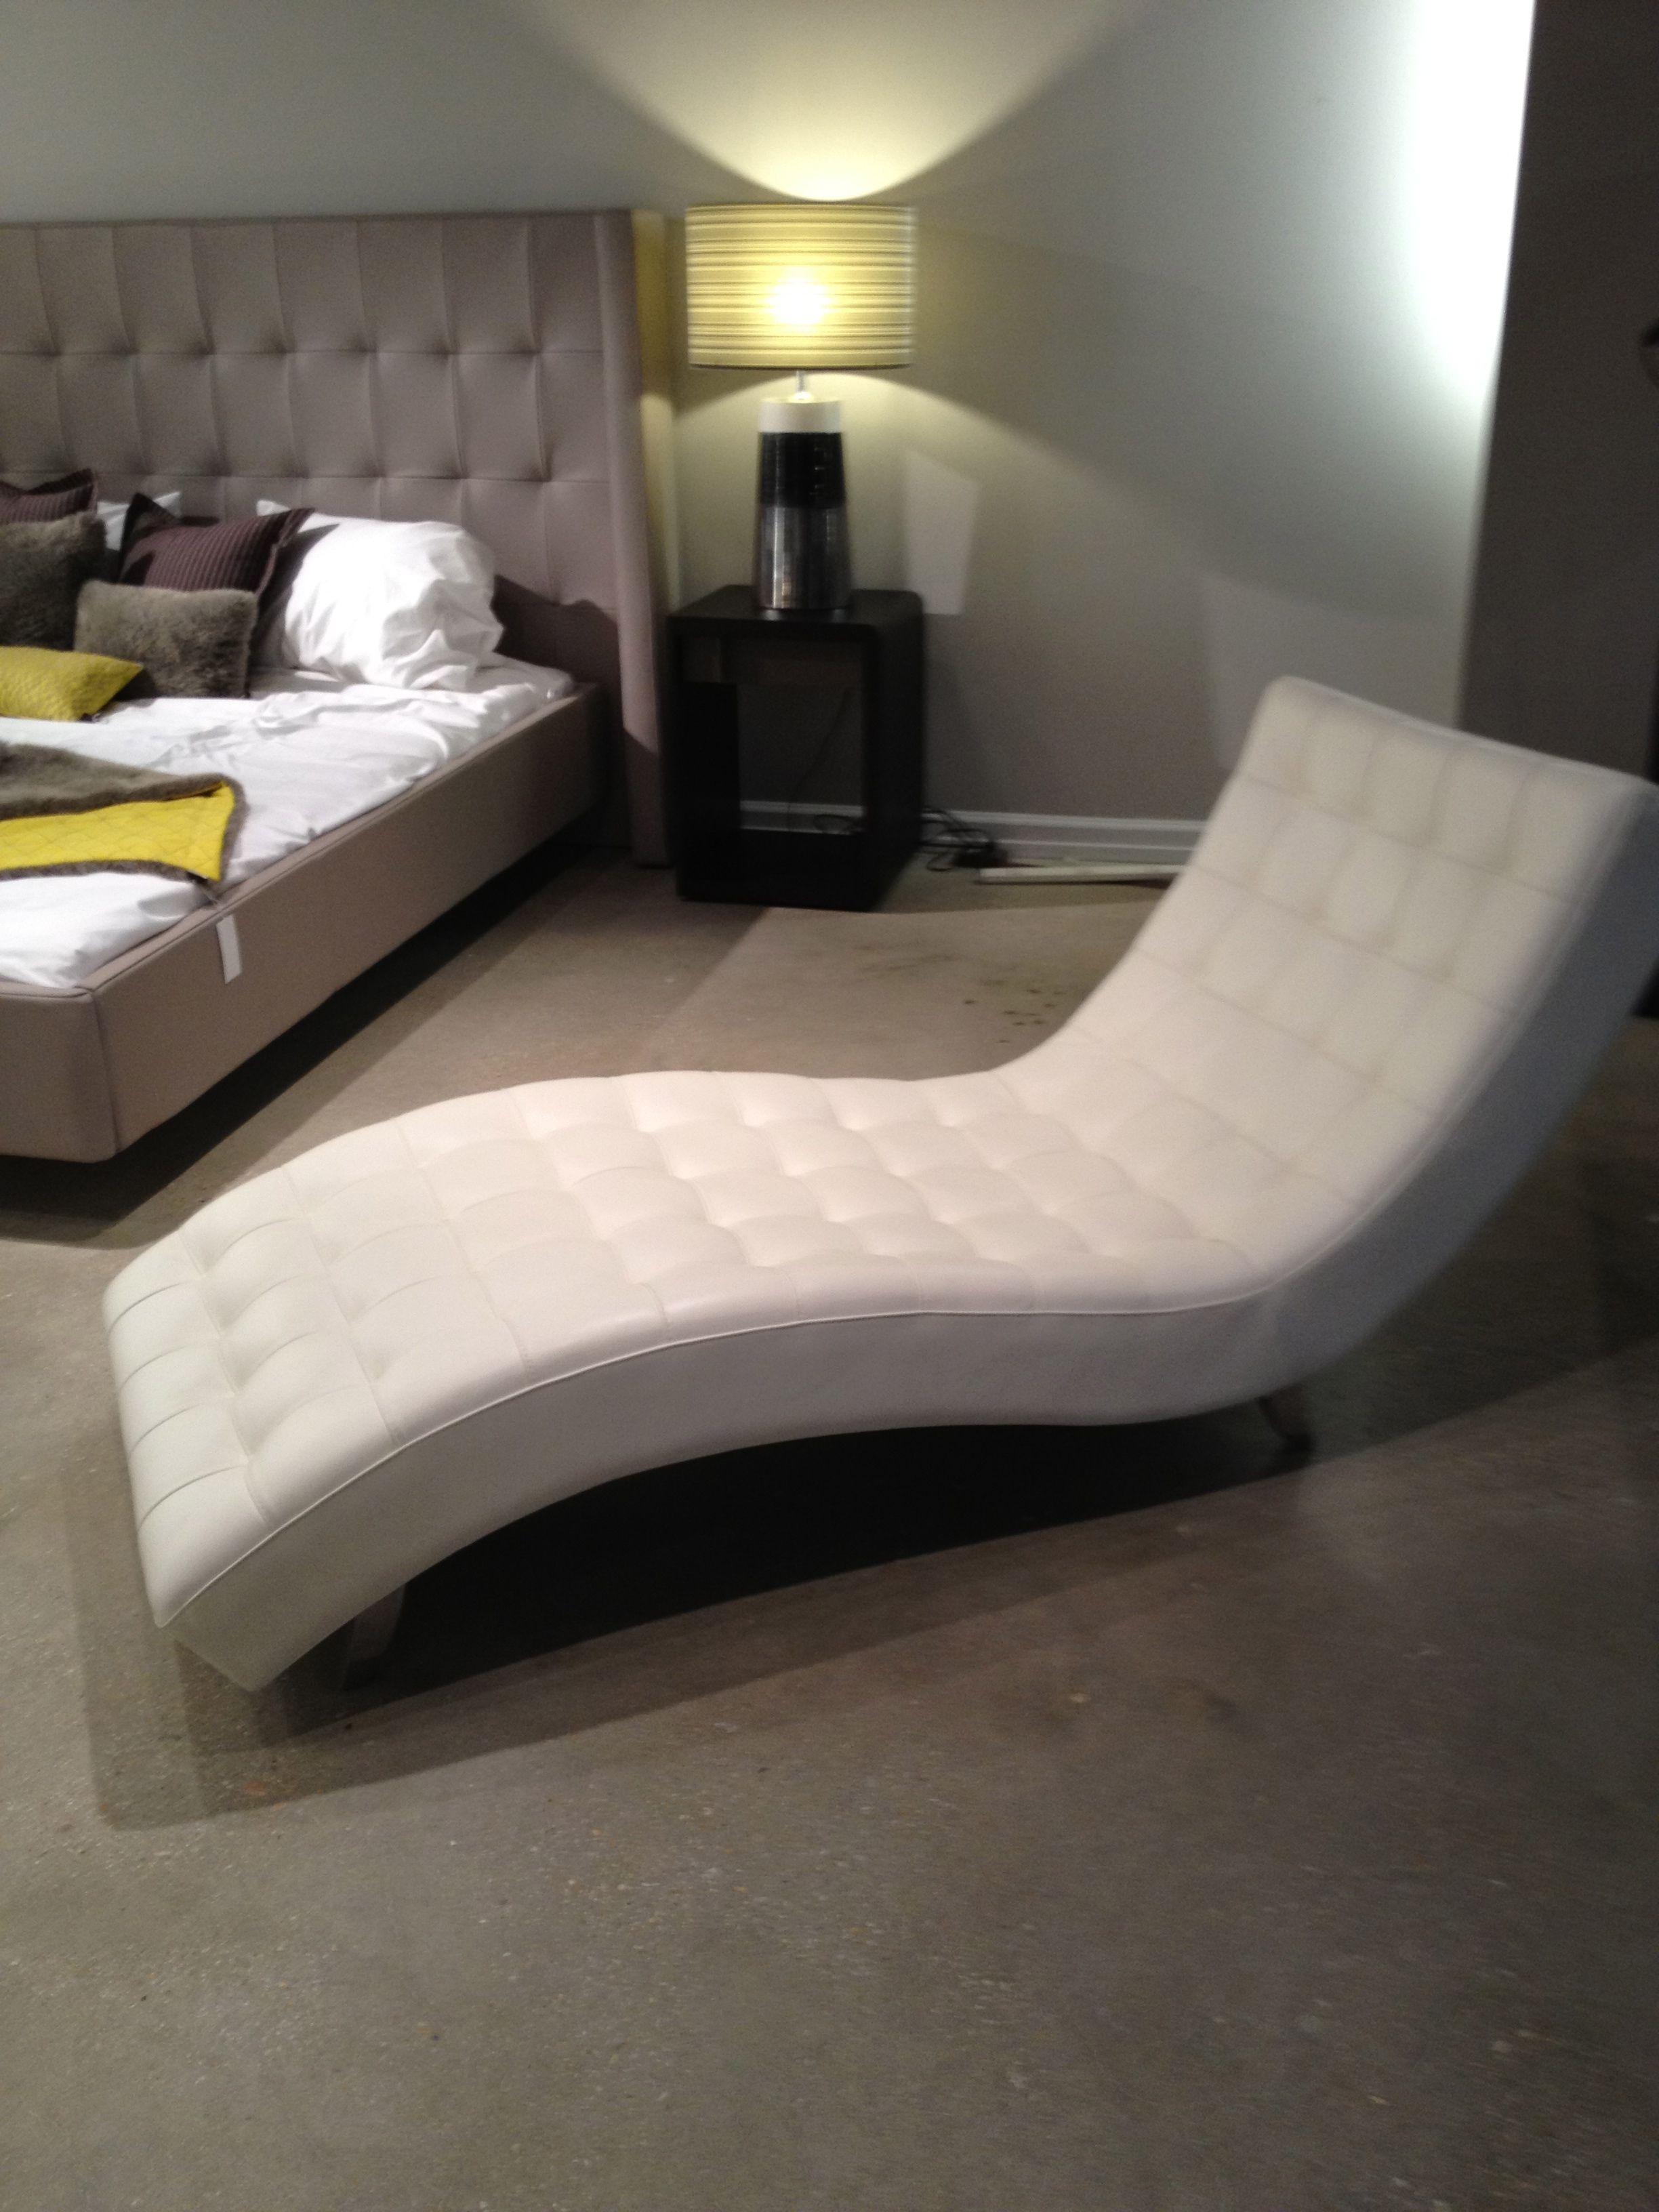 Chaise Lounge for bedroom Cadeiras design, Decoração, Design